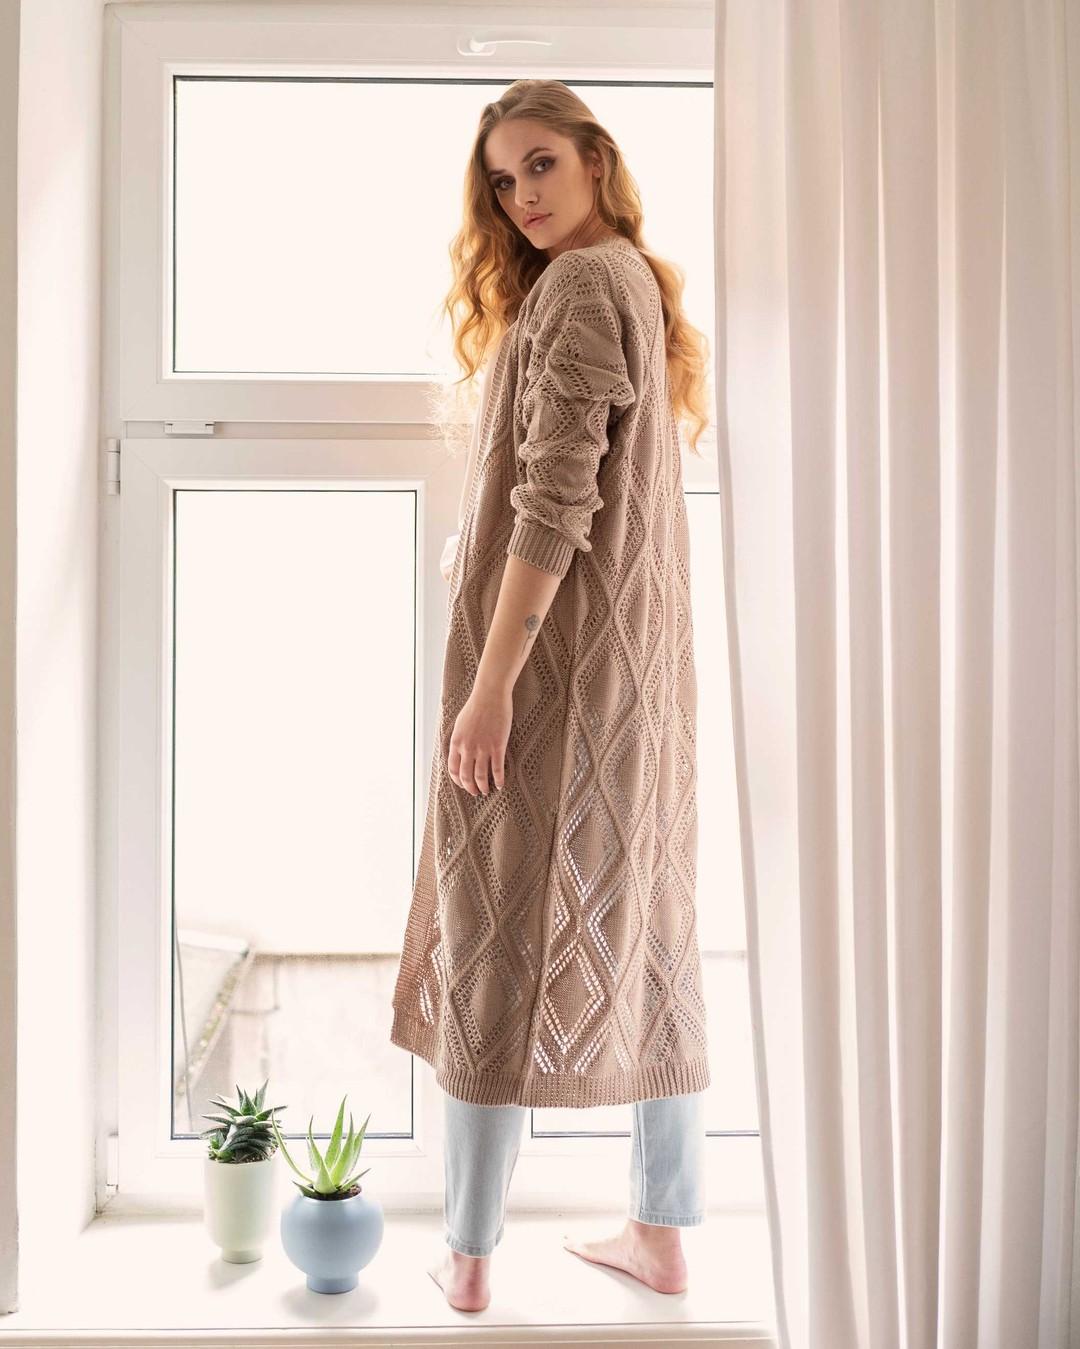 Długi swetrowy płaszcz w ażurowe wzory. Lekki, wykonany z wysokiej jakości, bawełnianej przędzy. Doskonały do wiosennych i letnich stylizacji, którym dodaje głębi i wyrazistości. #sweter #ażury #azury #sweterbawełniany #bawełna #cotton #cottonsweater #summer #wiosna #wiosennysweter #sweternawiosne #płaszcz #długisweter #dlugisweter #sweterdokolan #longsweater #beigesweater #polskiedziewczyny #polskiprodukt #wyprodukowanowpolsce #madewithlove #polishgirl #model #tatoogirl #longhair #blonde #bluejeans #lato #summerfashion #azury